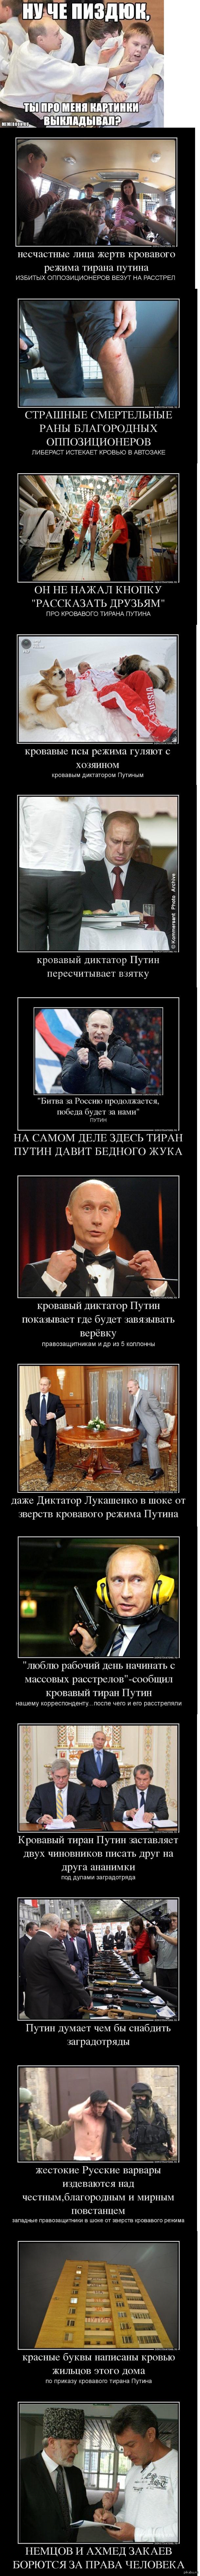 Путин кровавый тиран